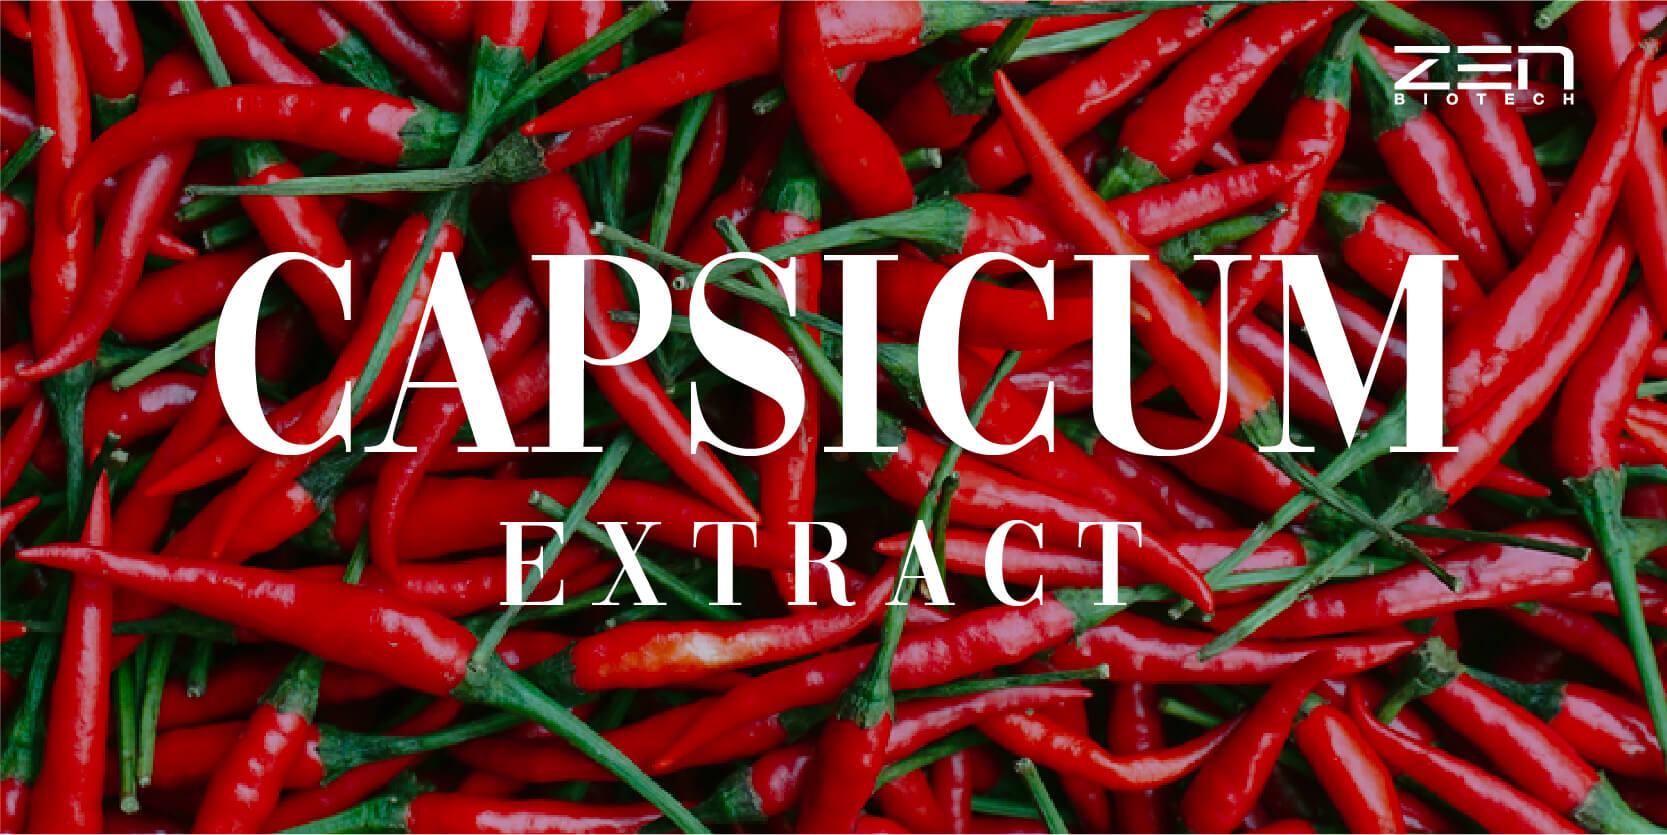 สารสกัดจากพริก Capsicum extract